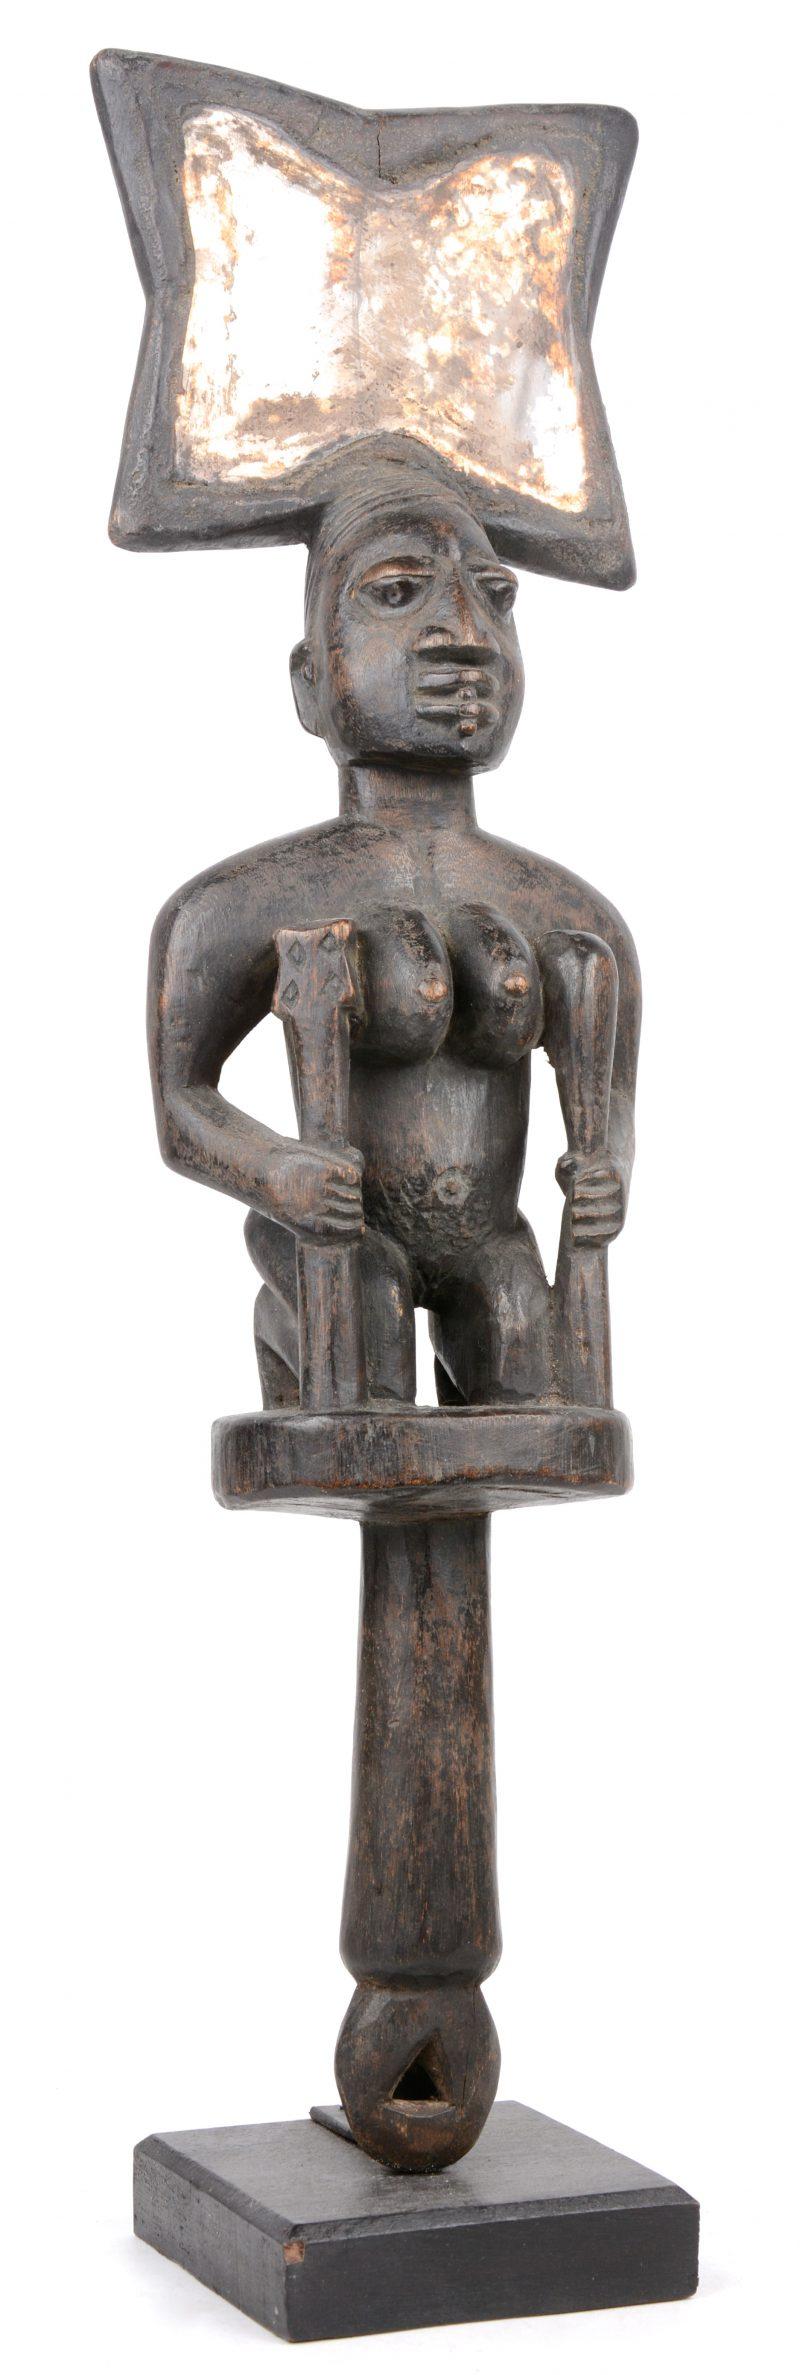 Een Afrikaanse antropomorfe scepter met een spiegel getooid.